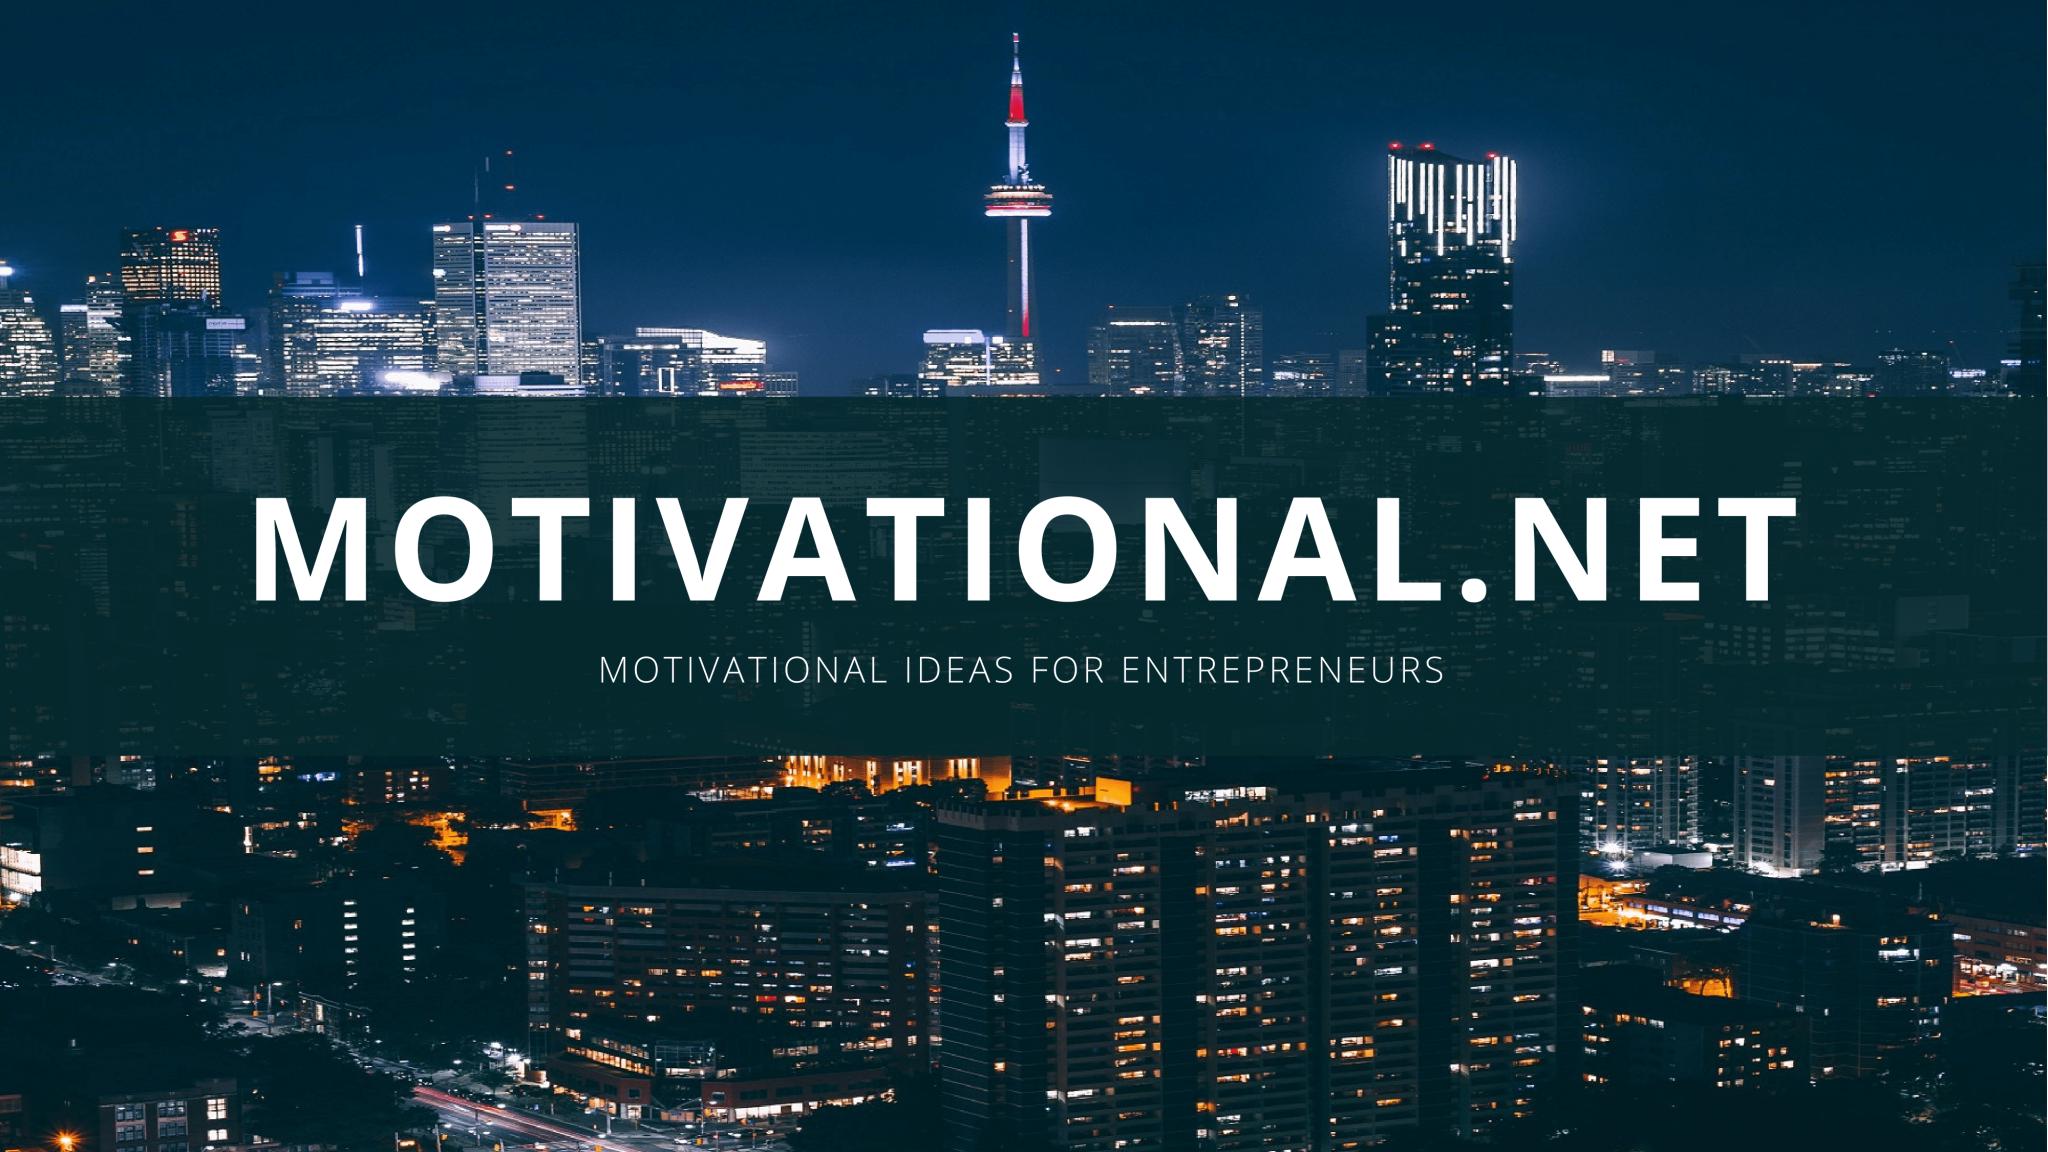 Motivational.net